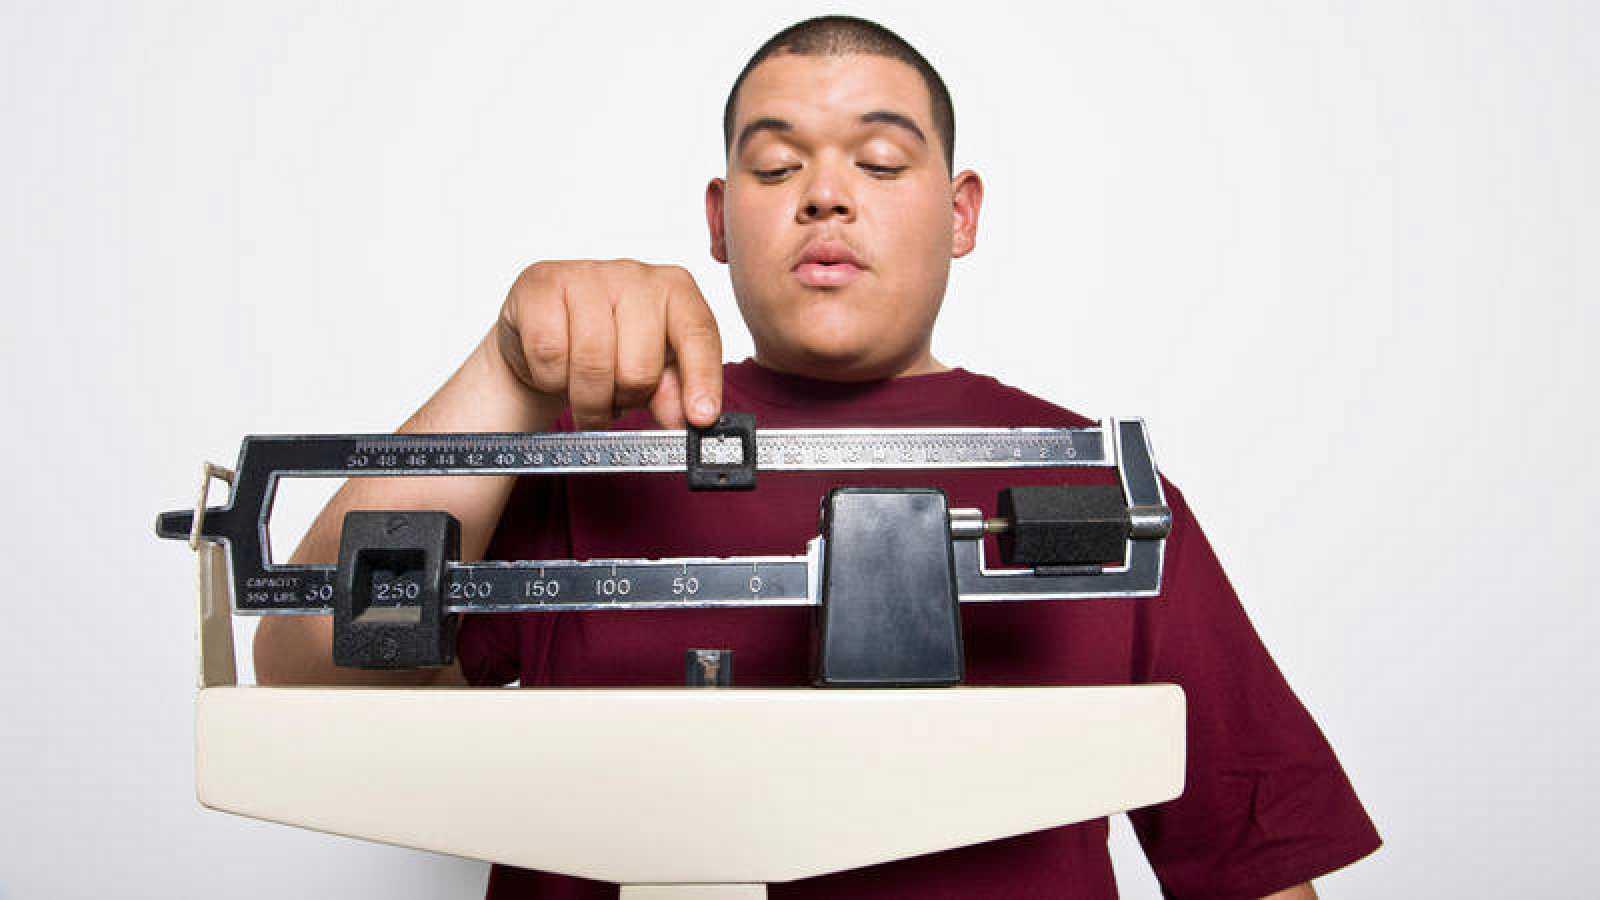 Obesidad - Un hombre joven pesándose en una báscula